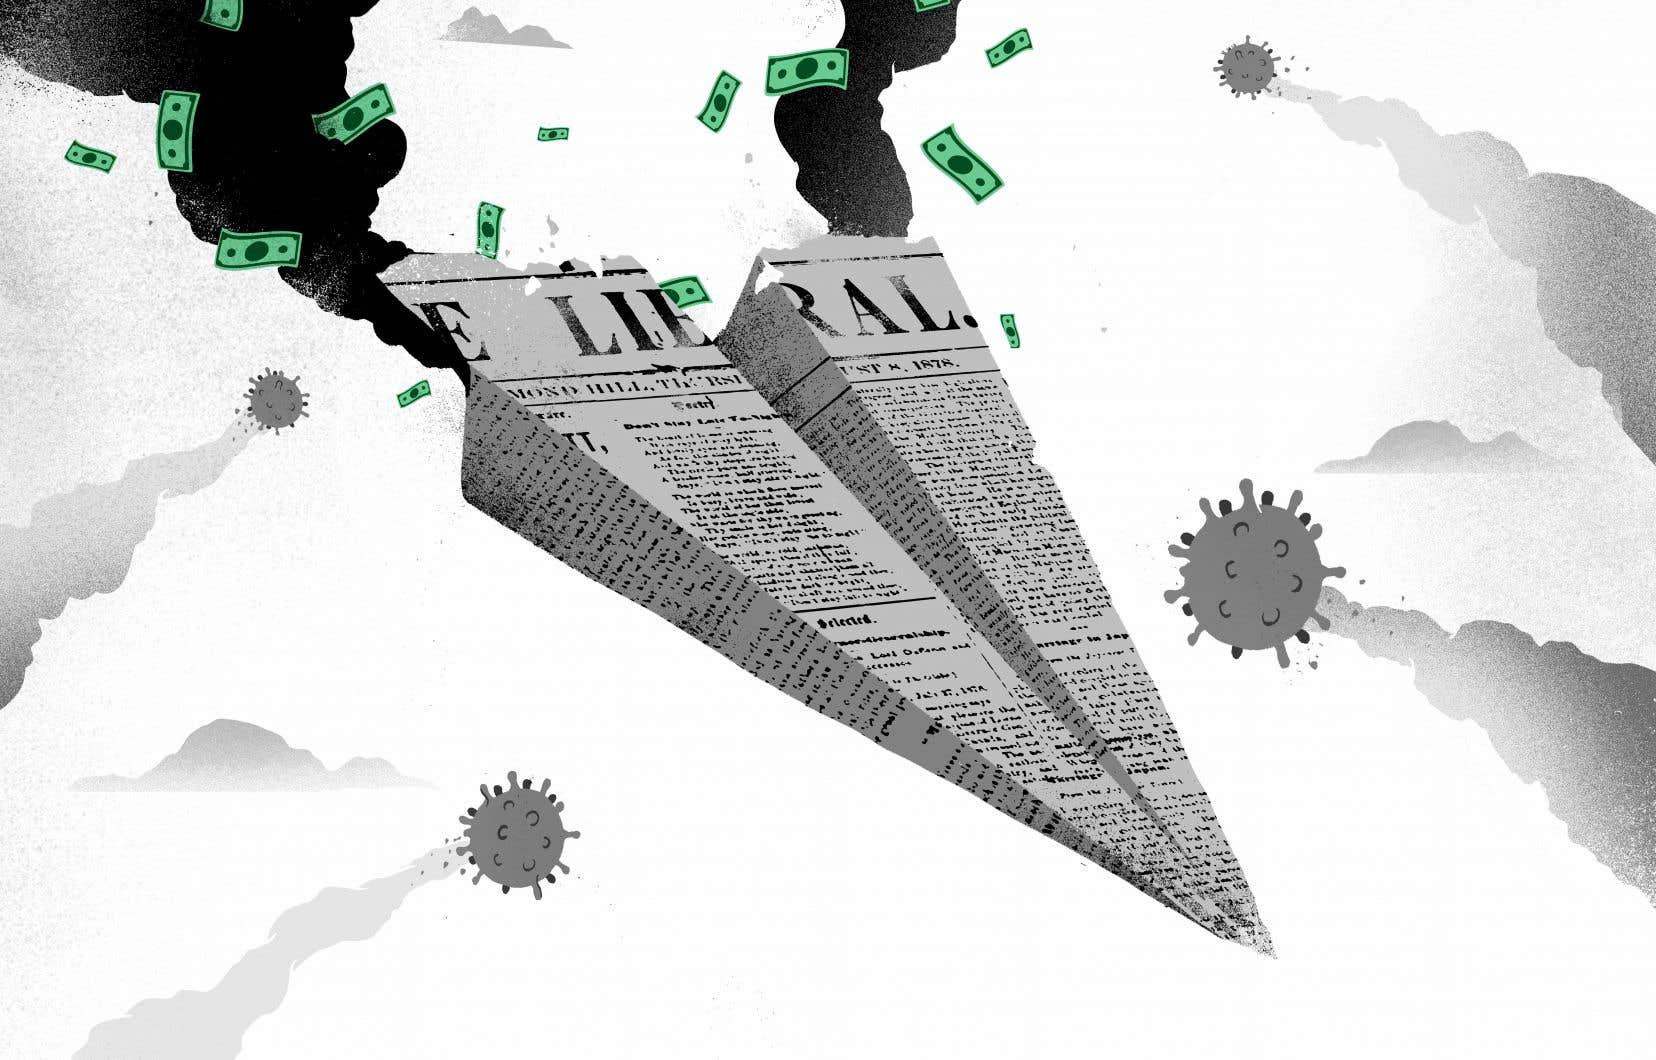 La presse quotidienne, gratuite ou non, est ébranlée par les chutes publicitaires causées par les mesures de contrôle de la COVID-19.